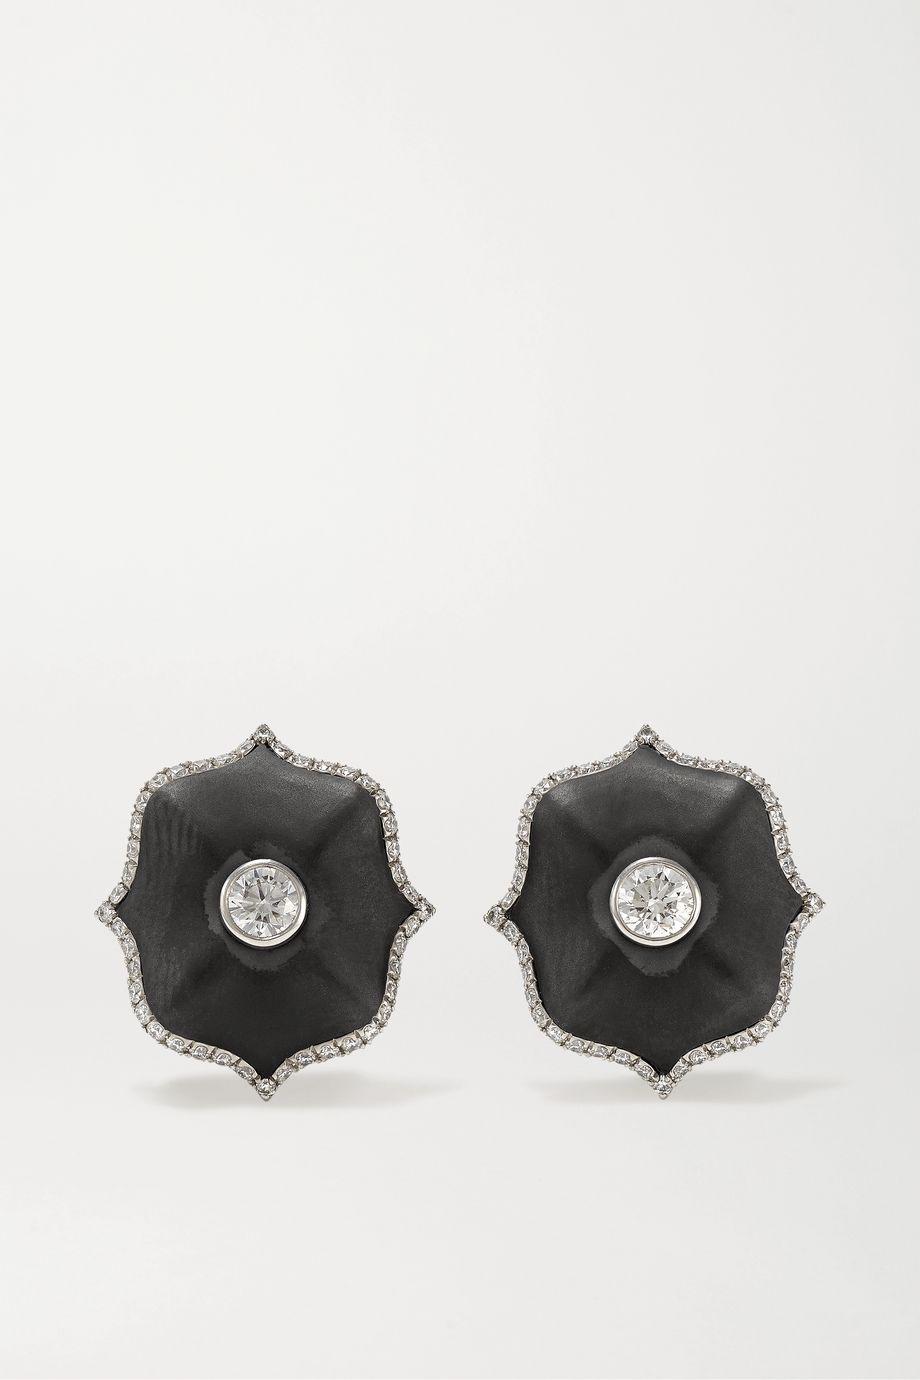 Bayco Platinum, ceramic and diamond earrings